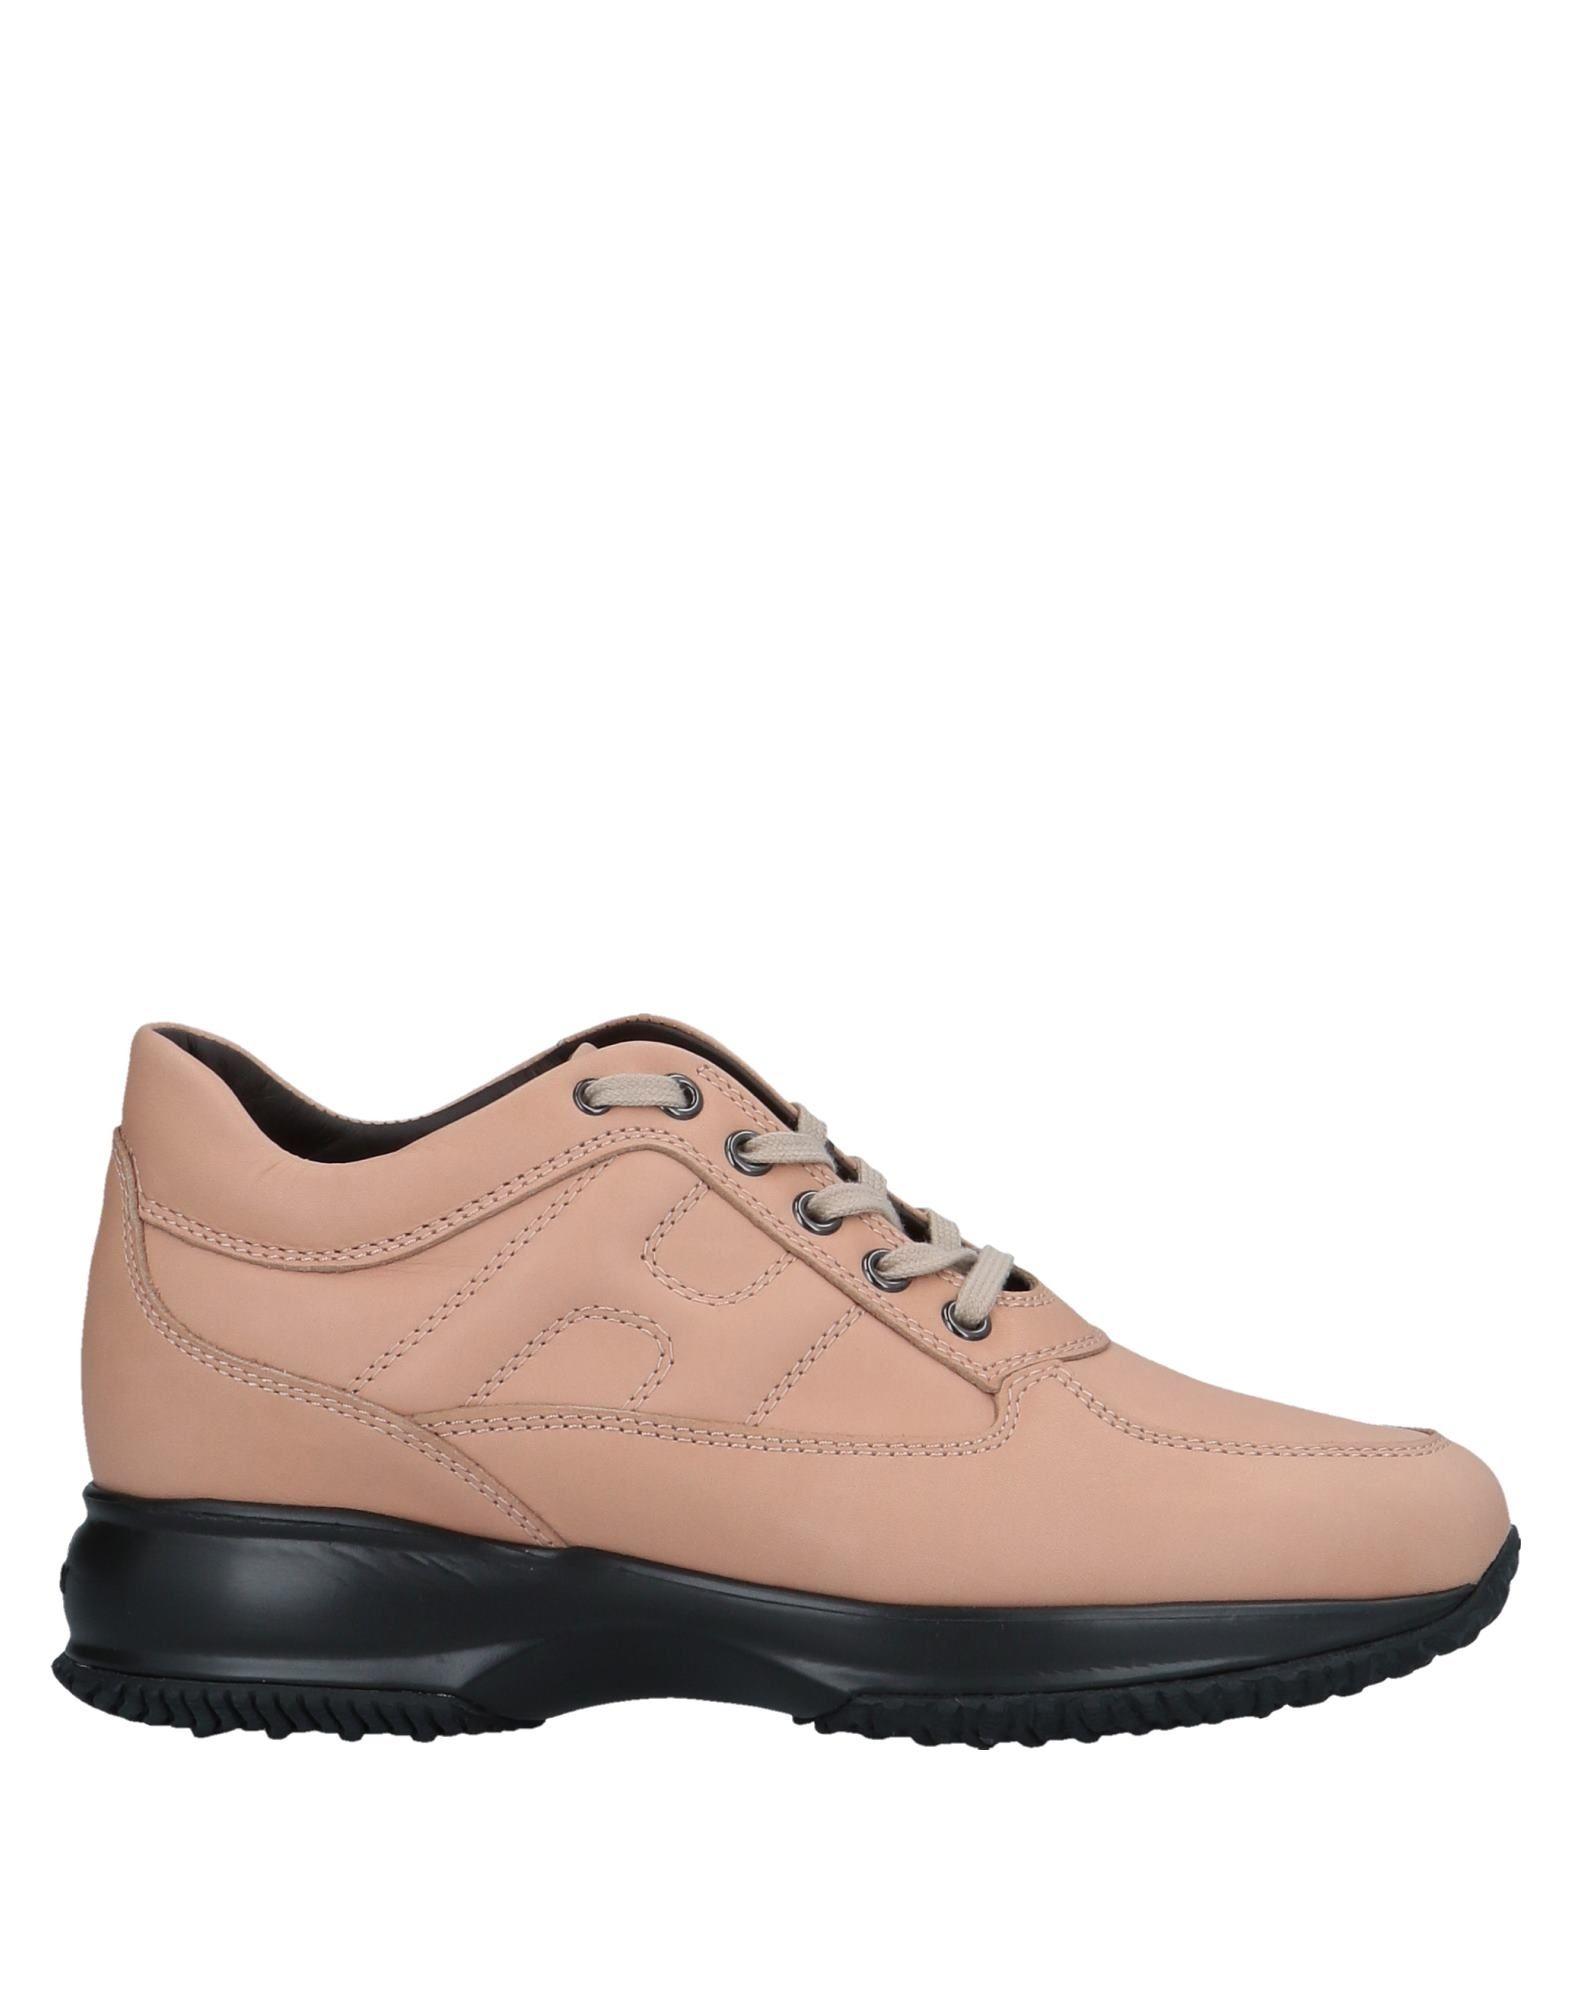 Hogan Sneakers Damen  11539869TMGut aussehende strapazierfähige Schuhe